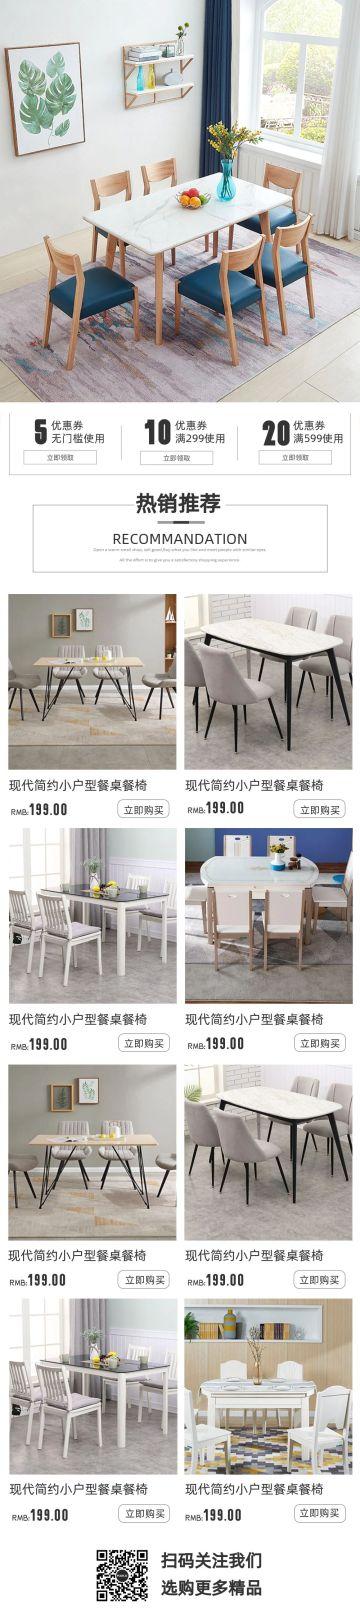 白色小清新风格家装节餐桌促销宣传长图